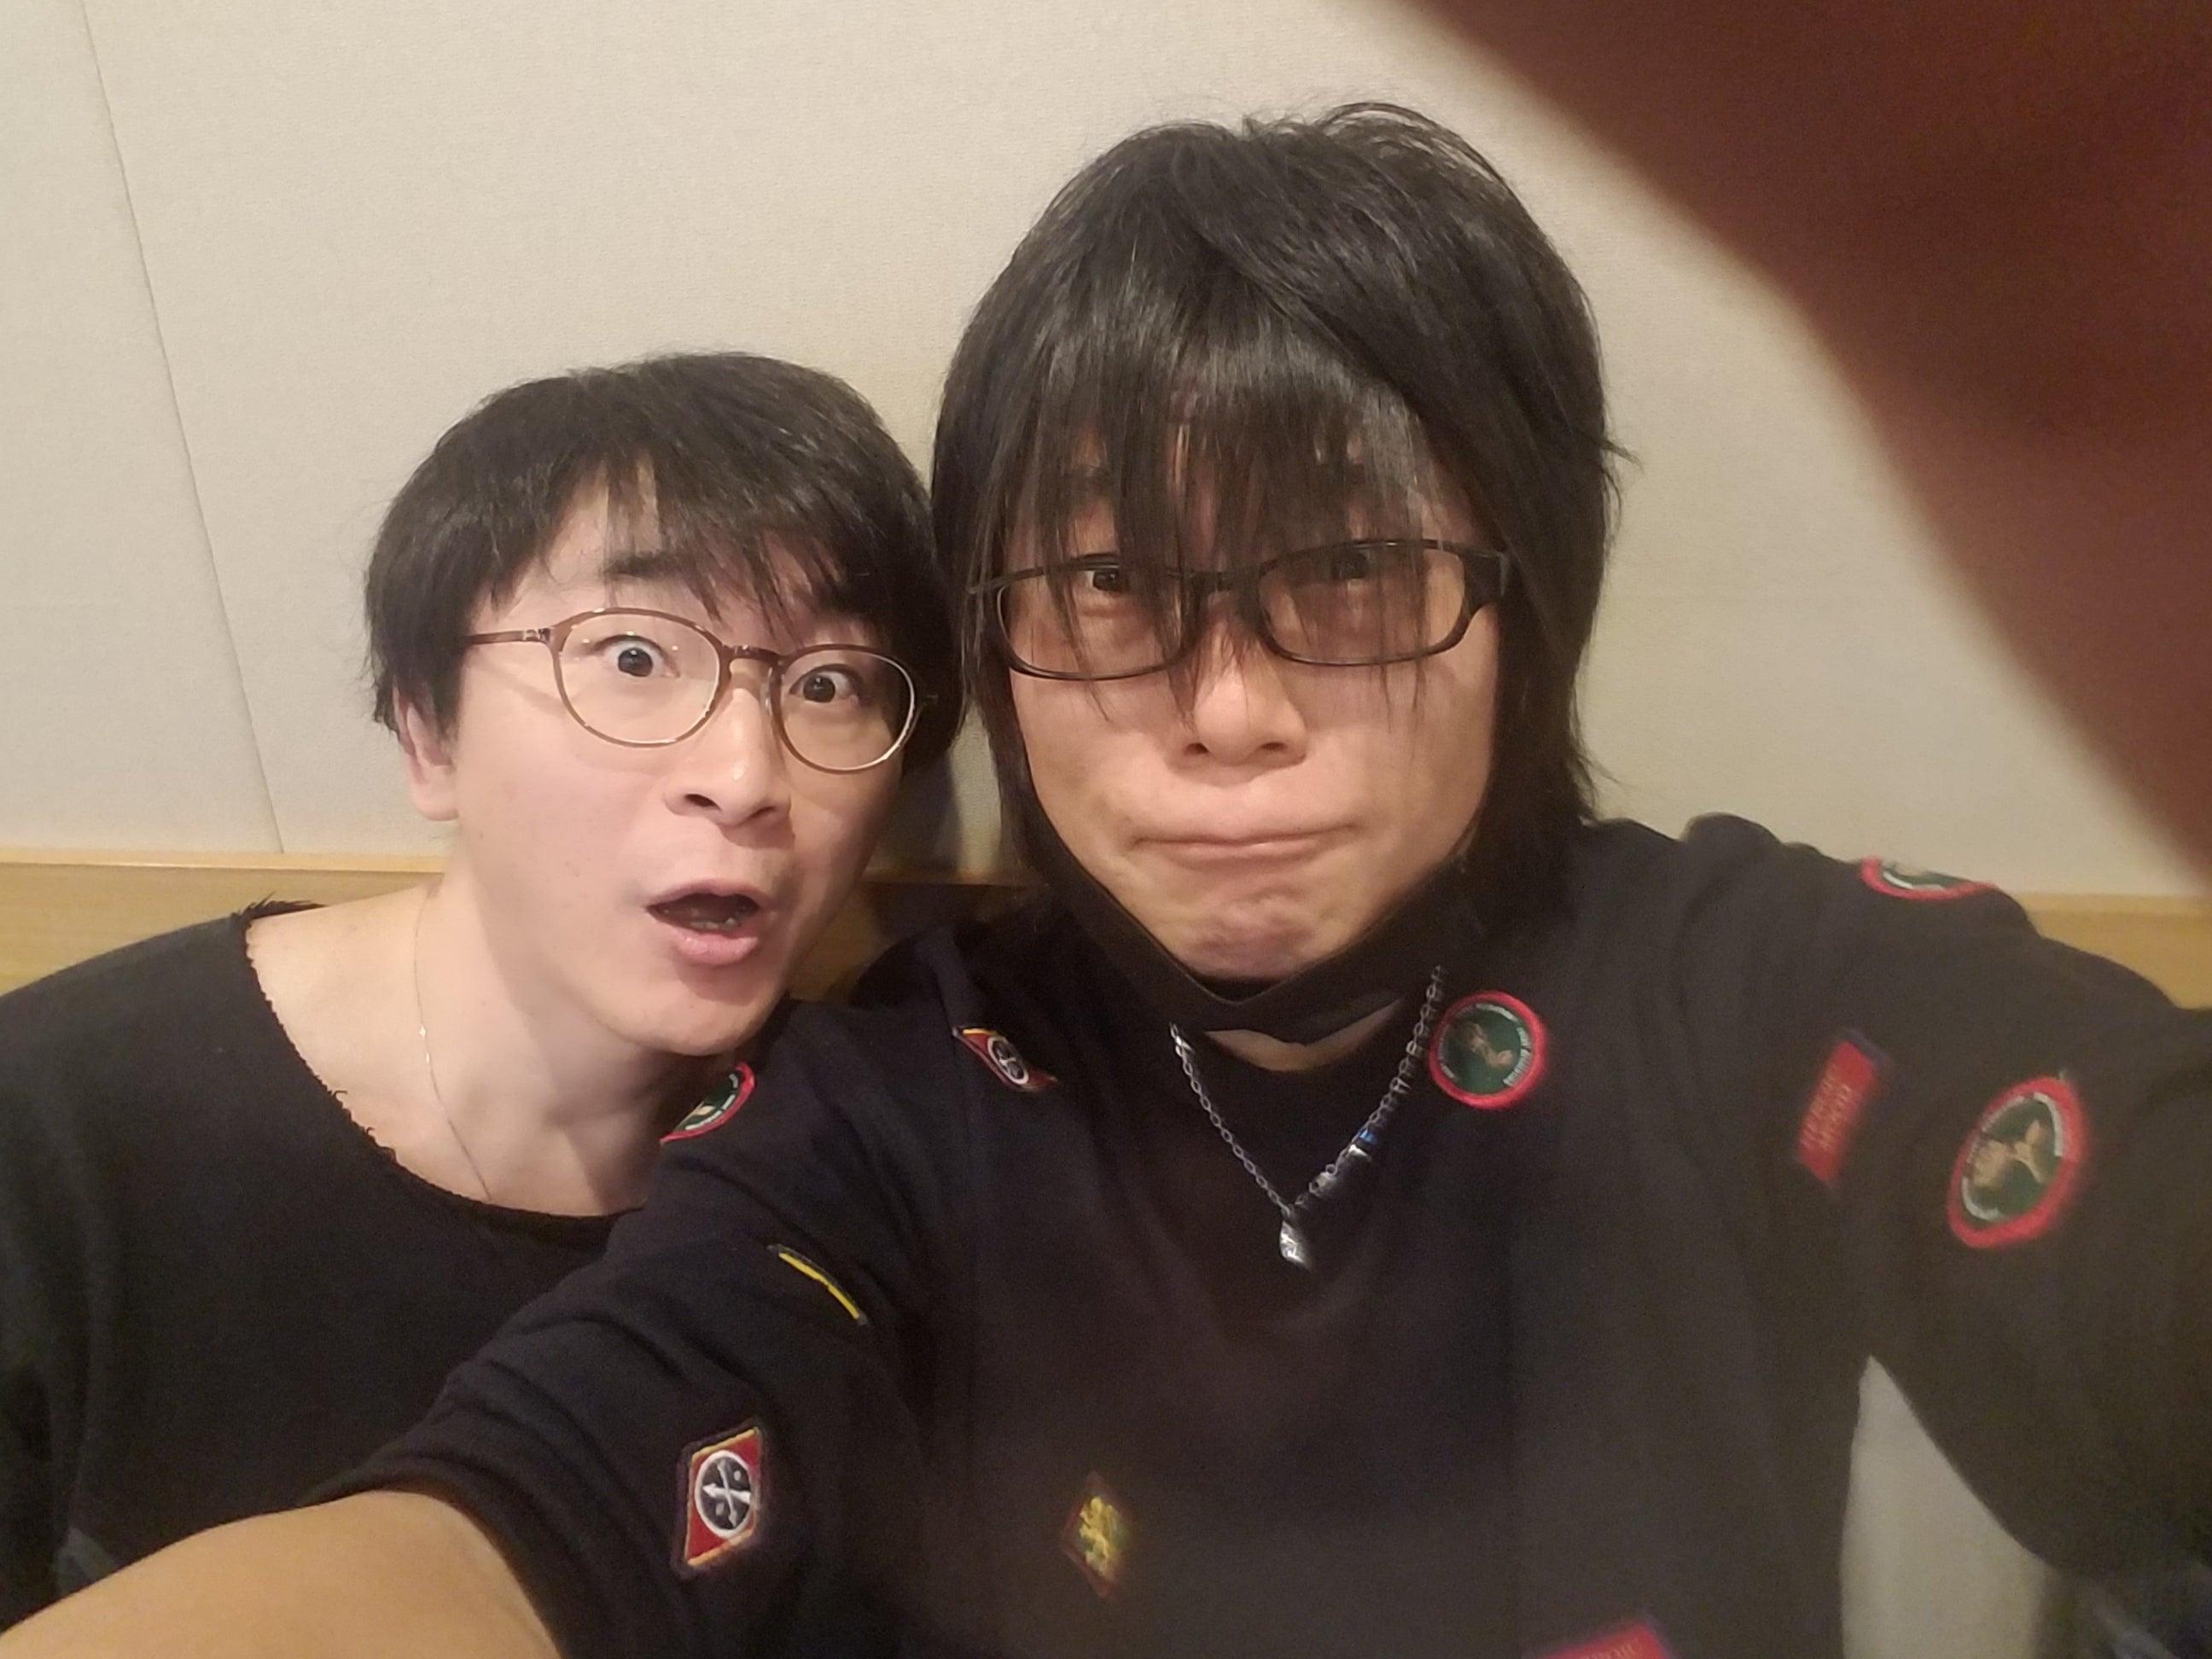 阿部敦&森川さん♪ | 森川智之オフィシャルブログ Powered by Ameba